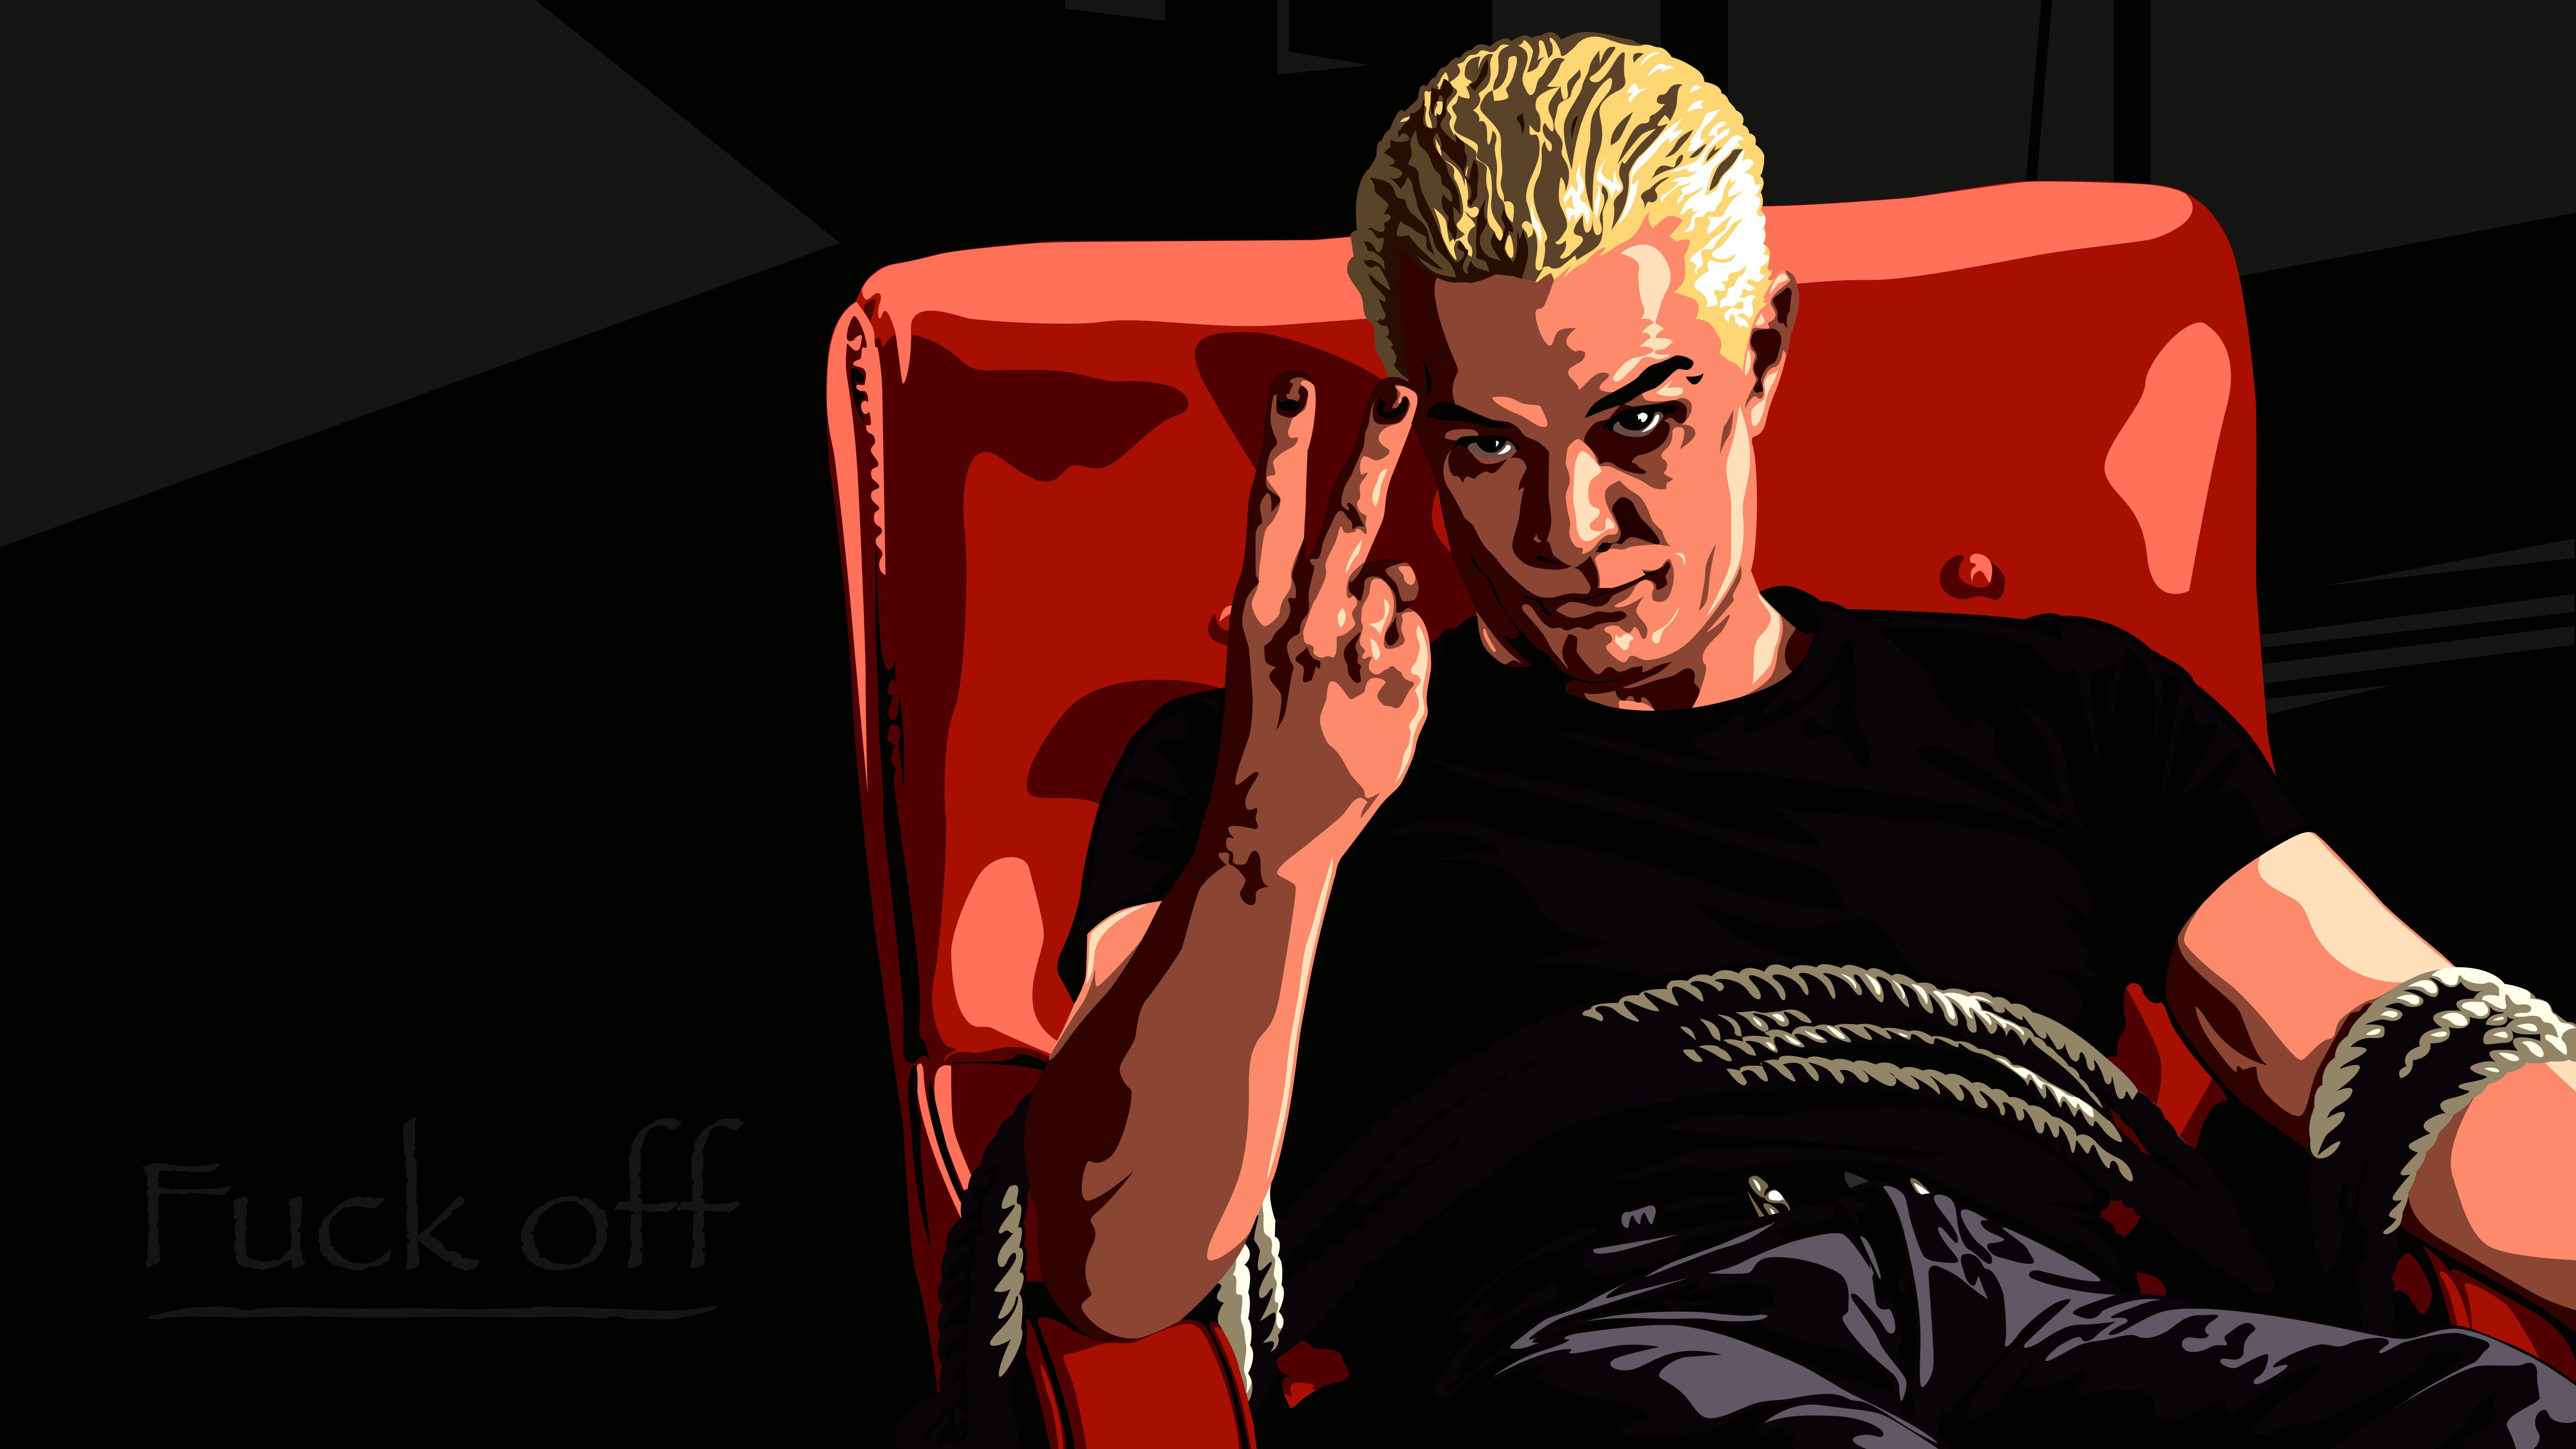 Wallpaper Illustration Cartoon Vampires Guitarist Spike